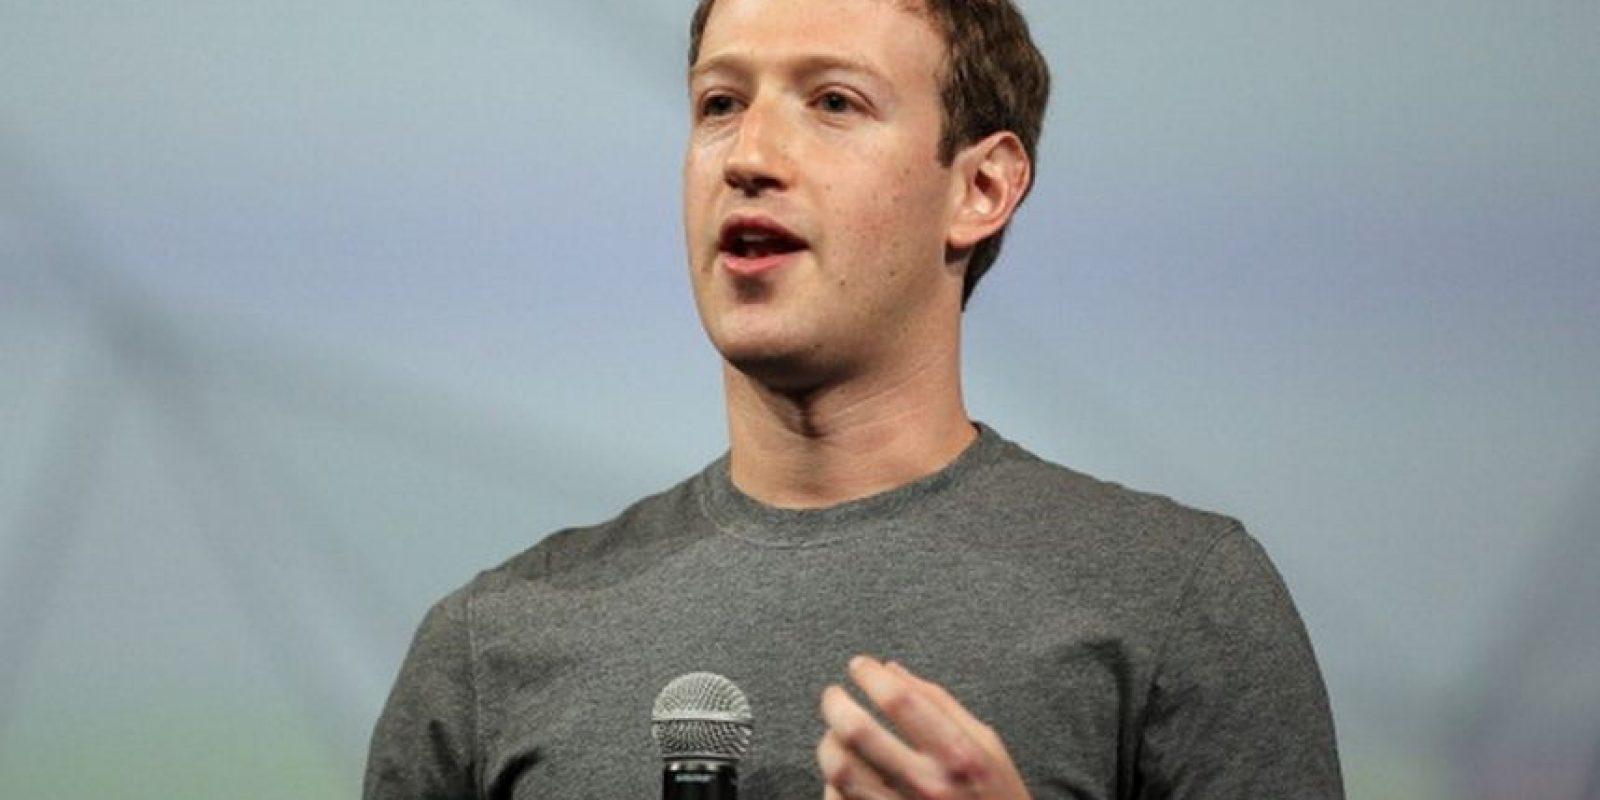 El estadounidense Mark Zuckerberg, de 31 años de edad, fundó Facebook en 2004, la red social más popular de la actualidad con más de mil 440 millones de usuarios activos al mes en todo el mundo. Foto:Getty Images